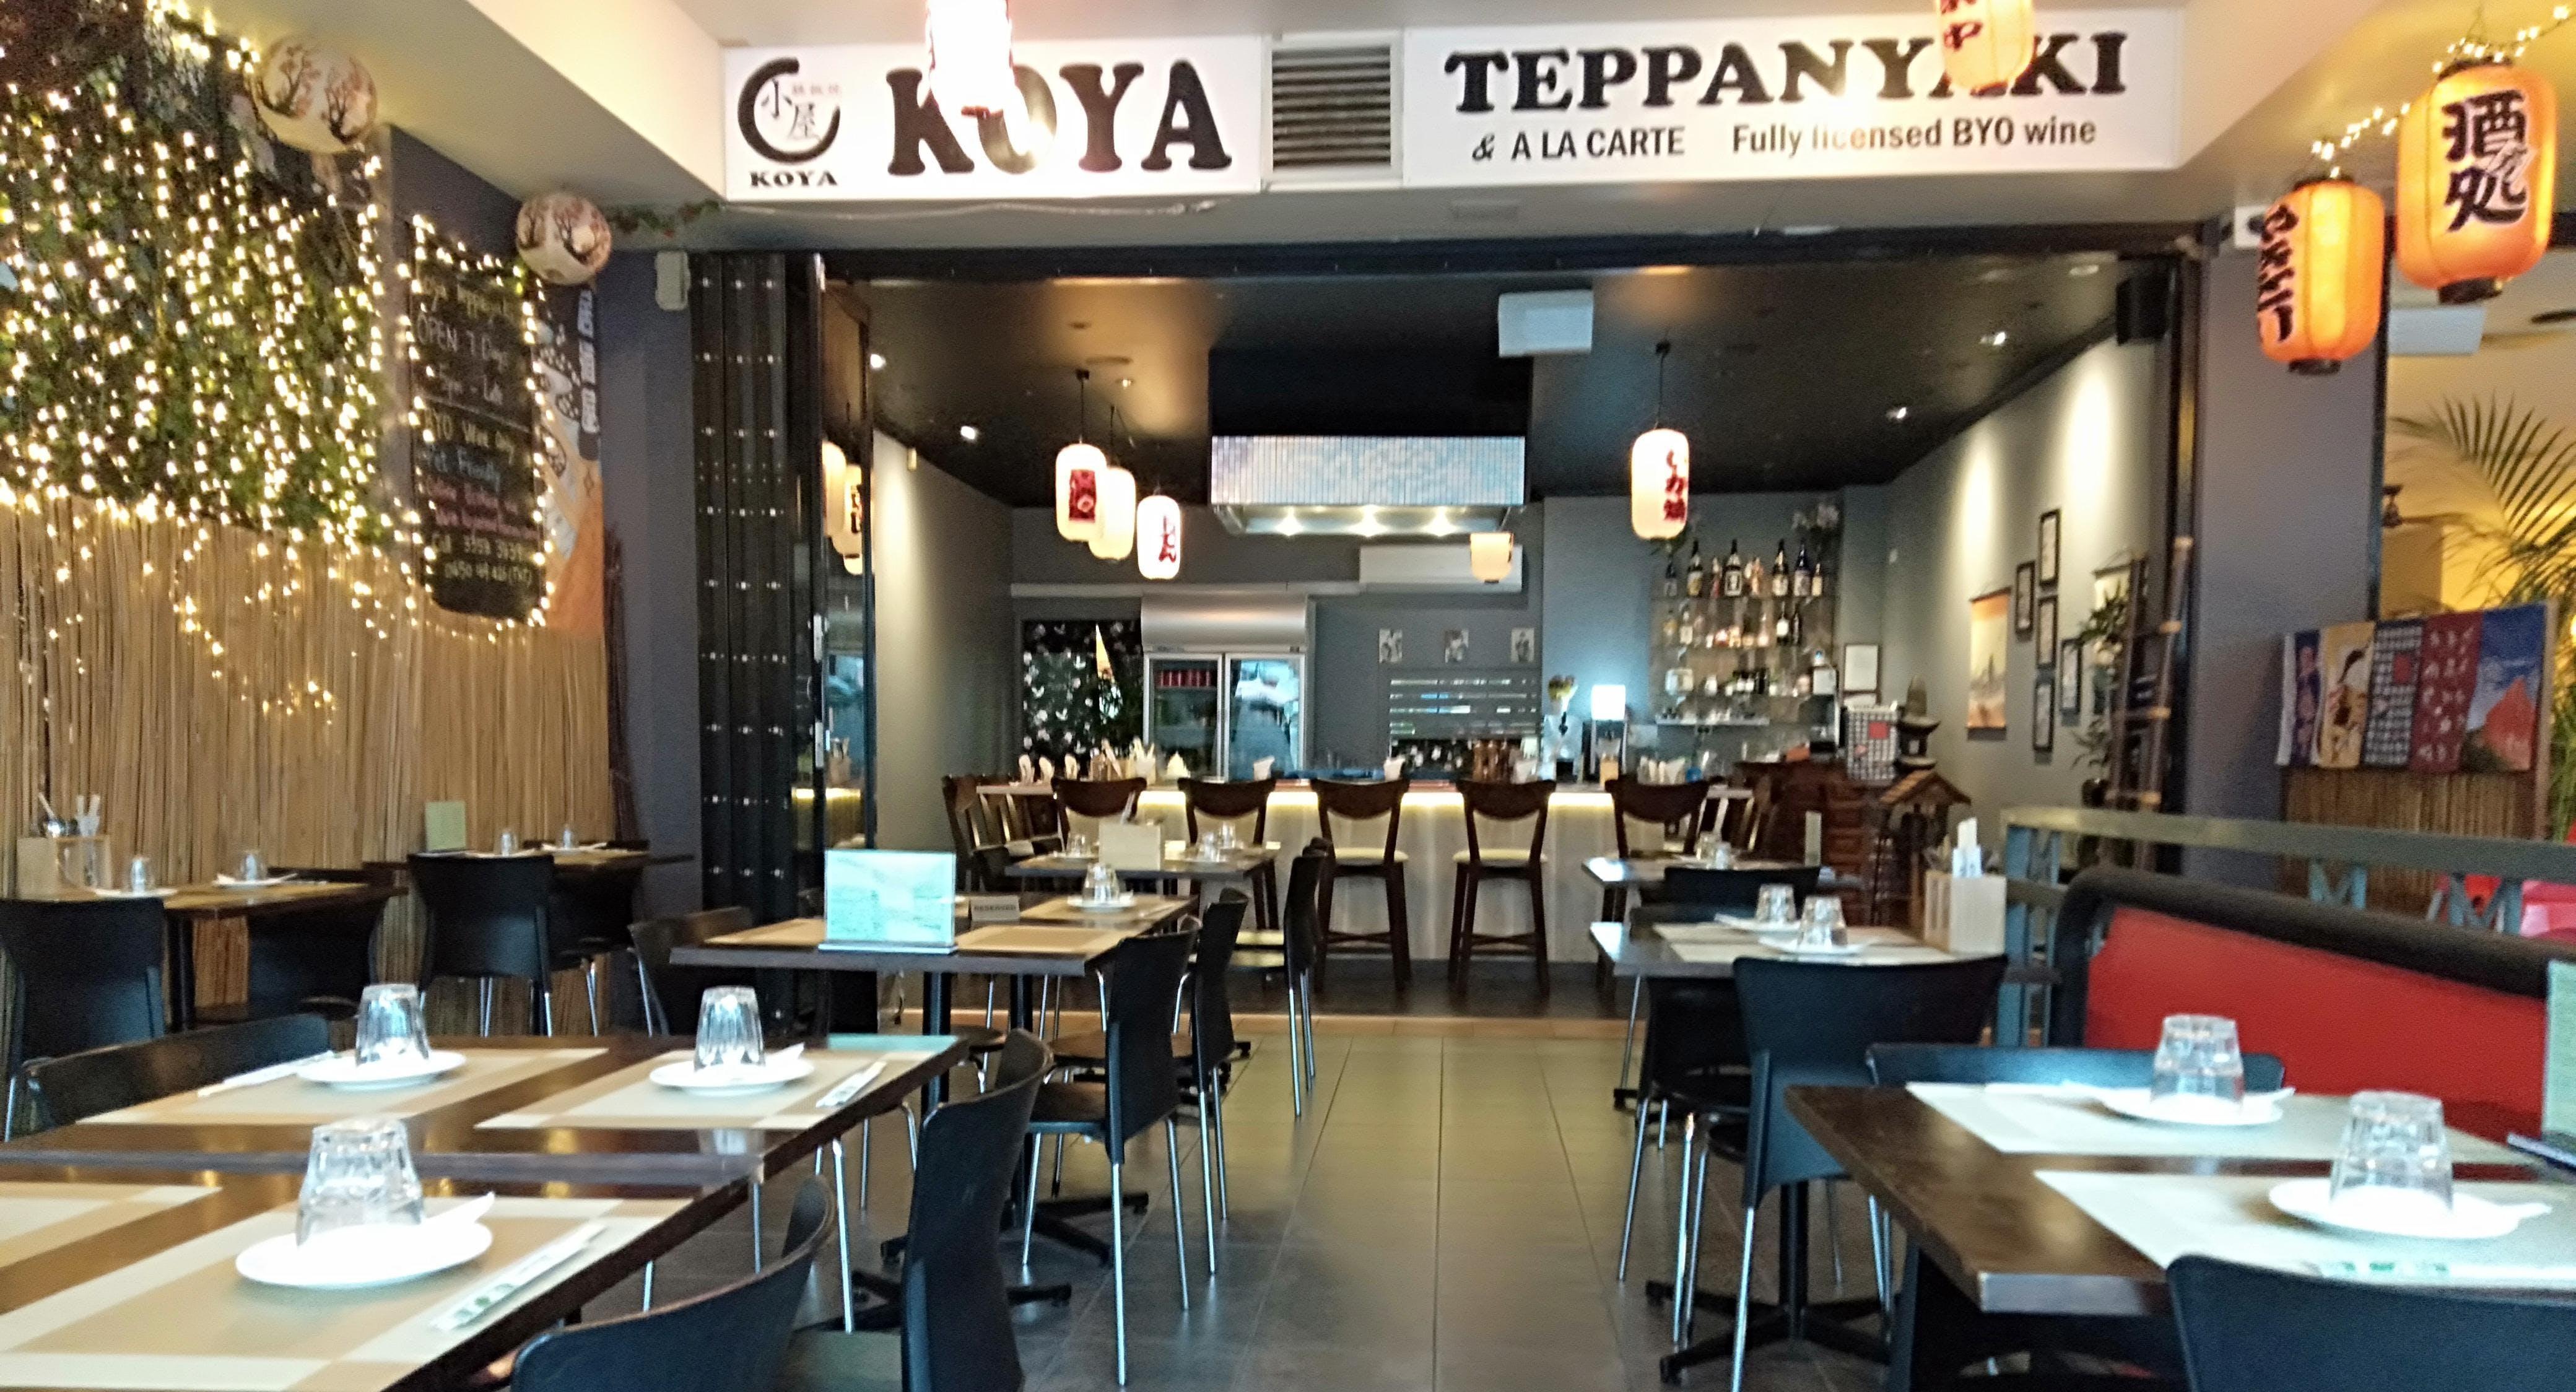 Koya Teppanyaki & A La Carte